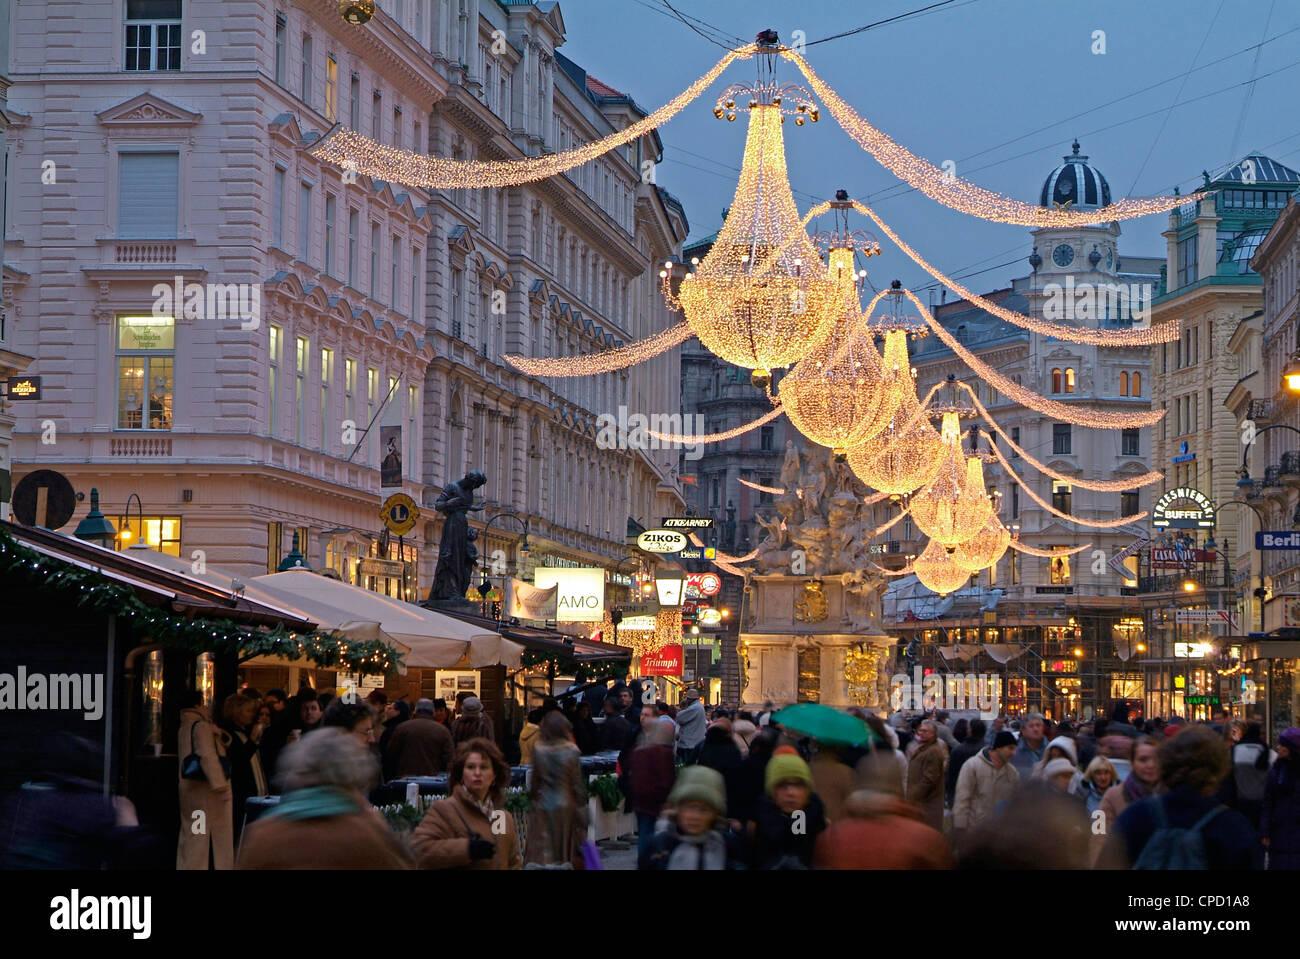 Weihnachts-Dekoration am Graben, Wien, Österreich, Europa Stockbild